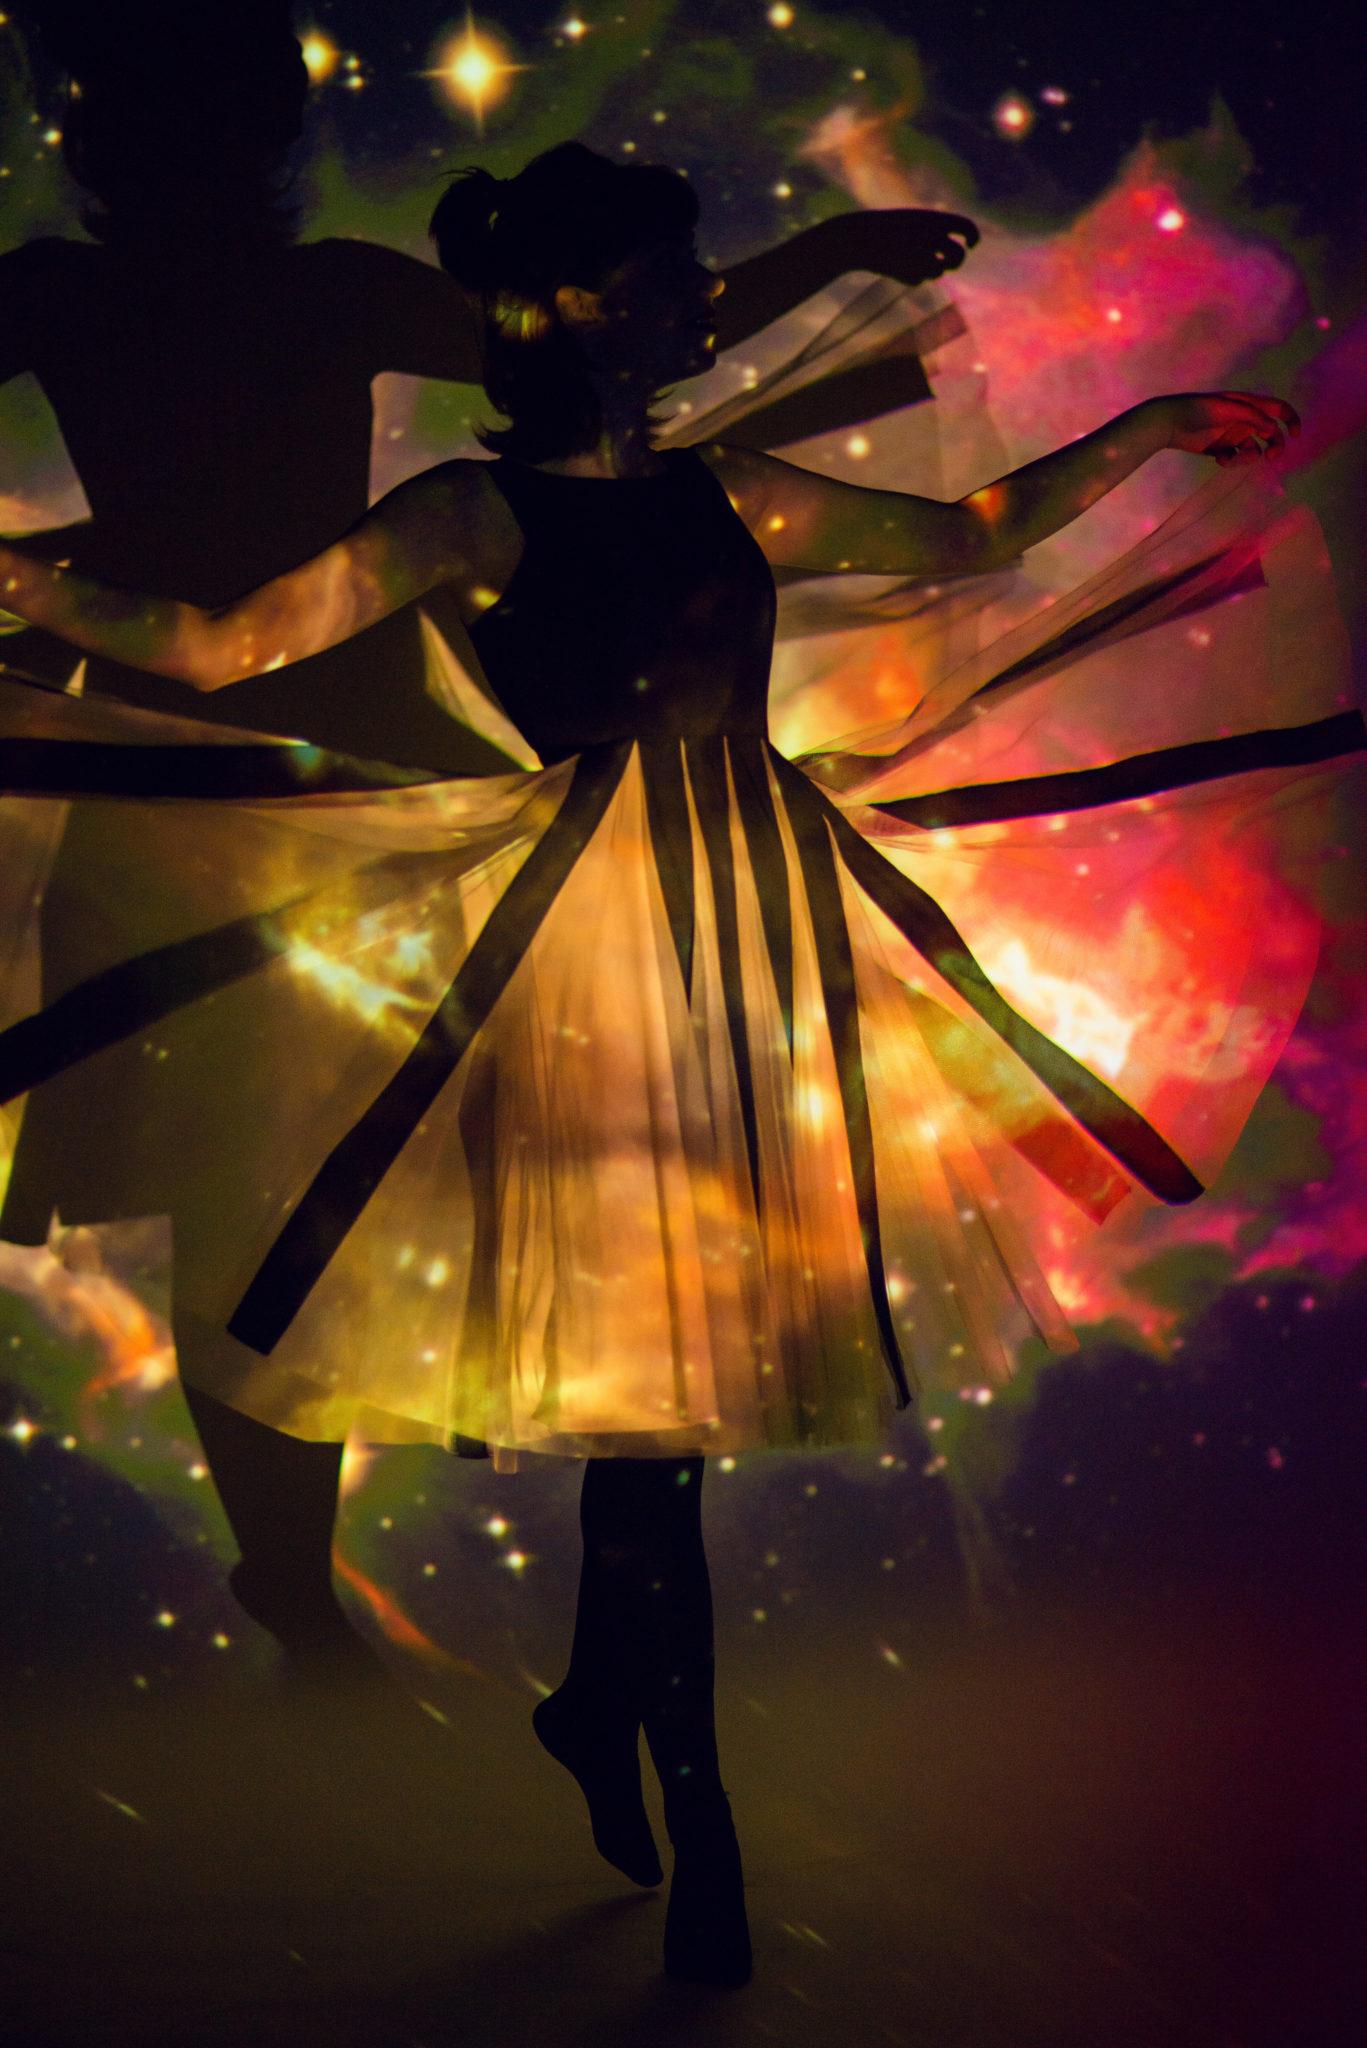 Съемка с проектором, фотосессия с проектором, цвет, фон звездное небо